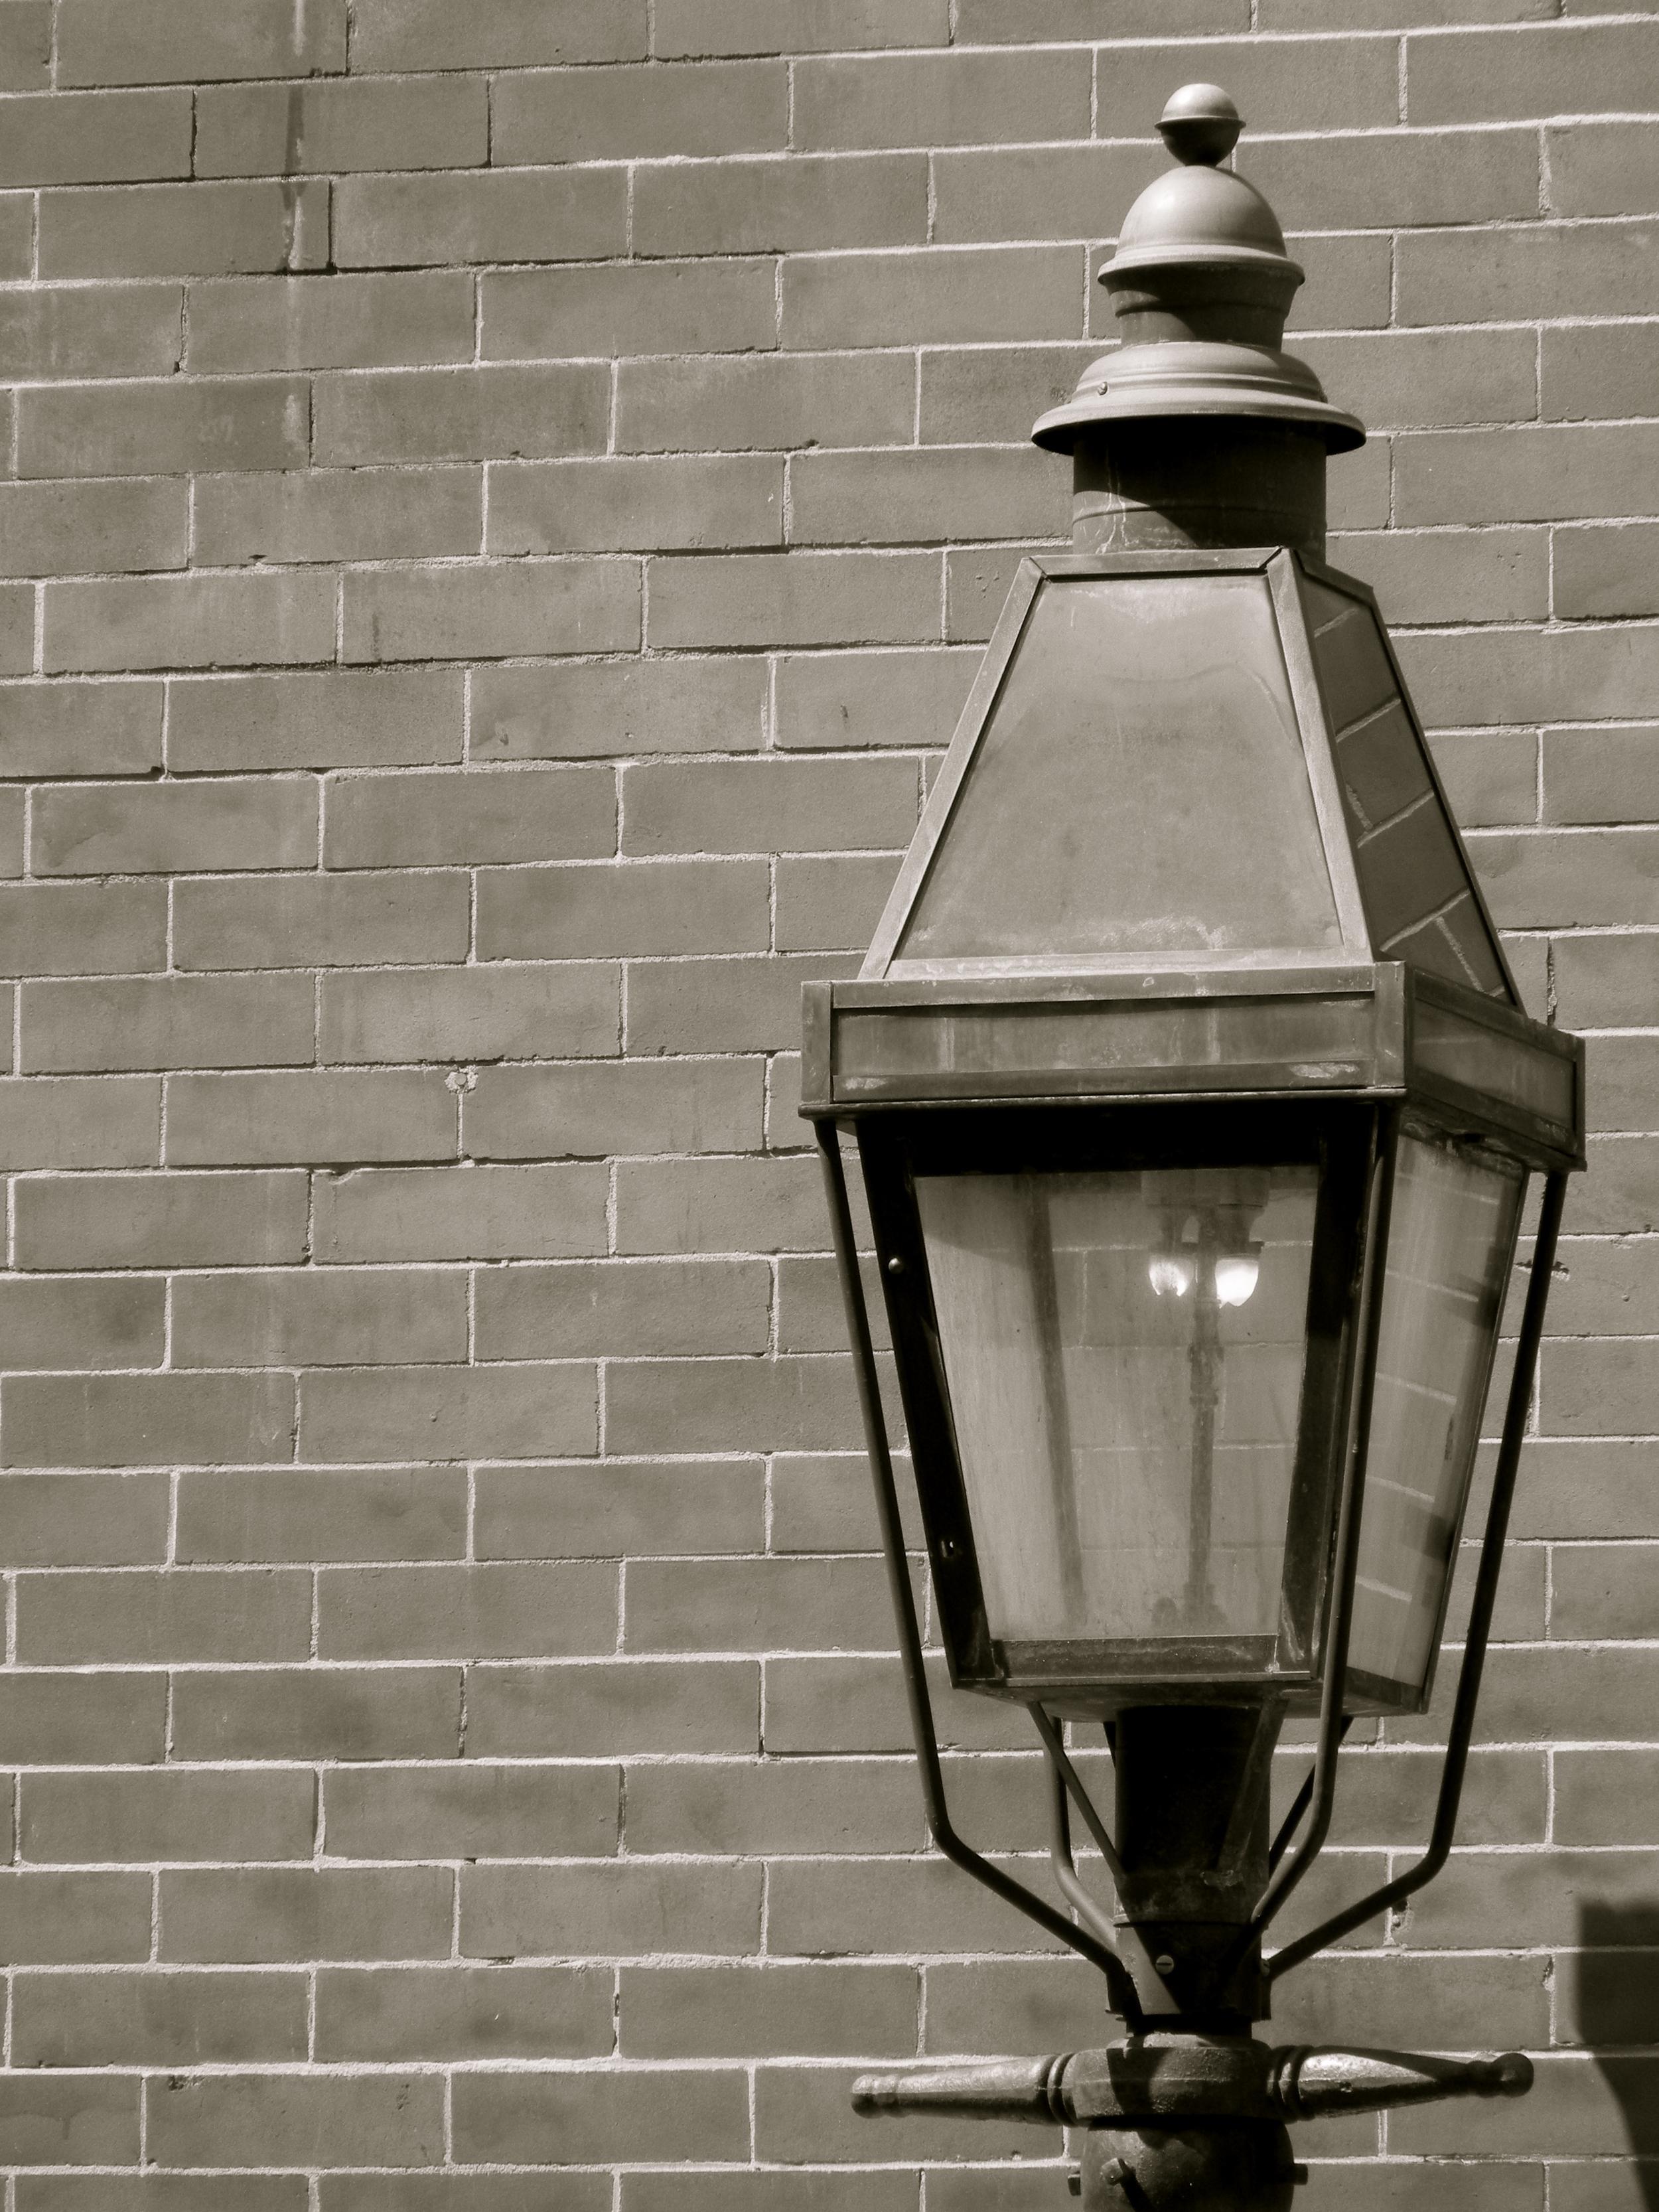 meeting house light, ebilling.jpg